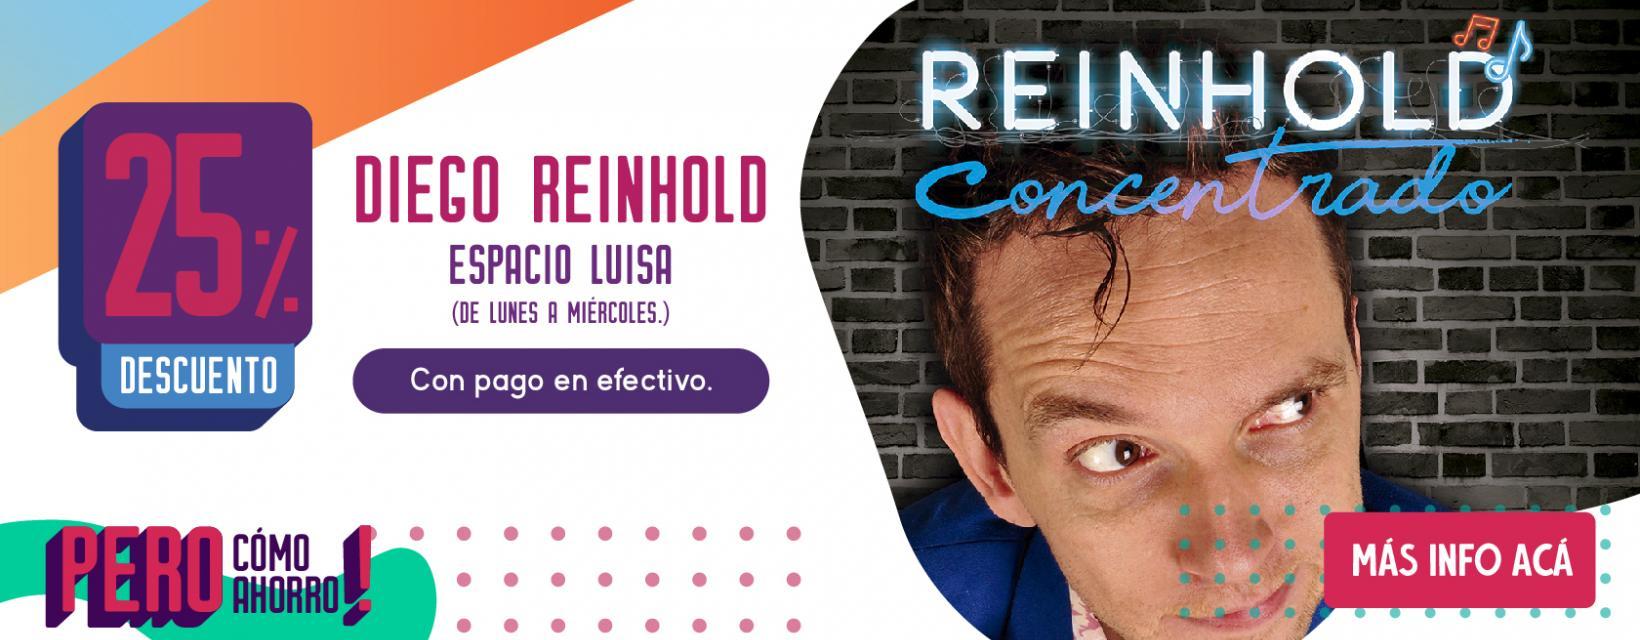 Diego Reinhold - Banner